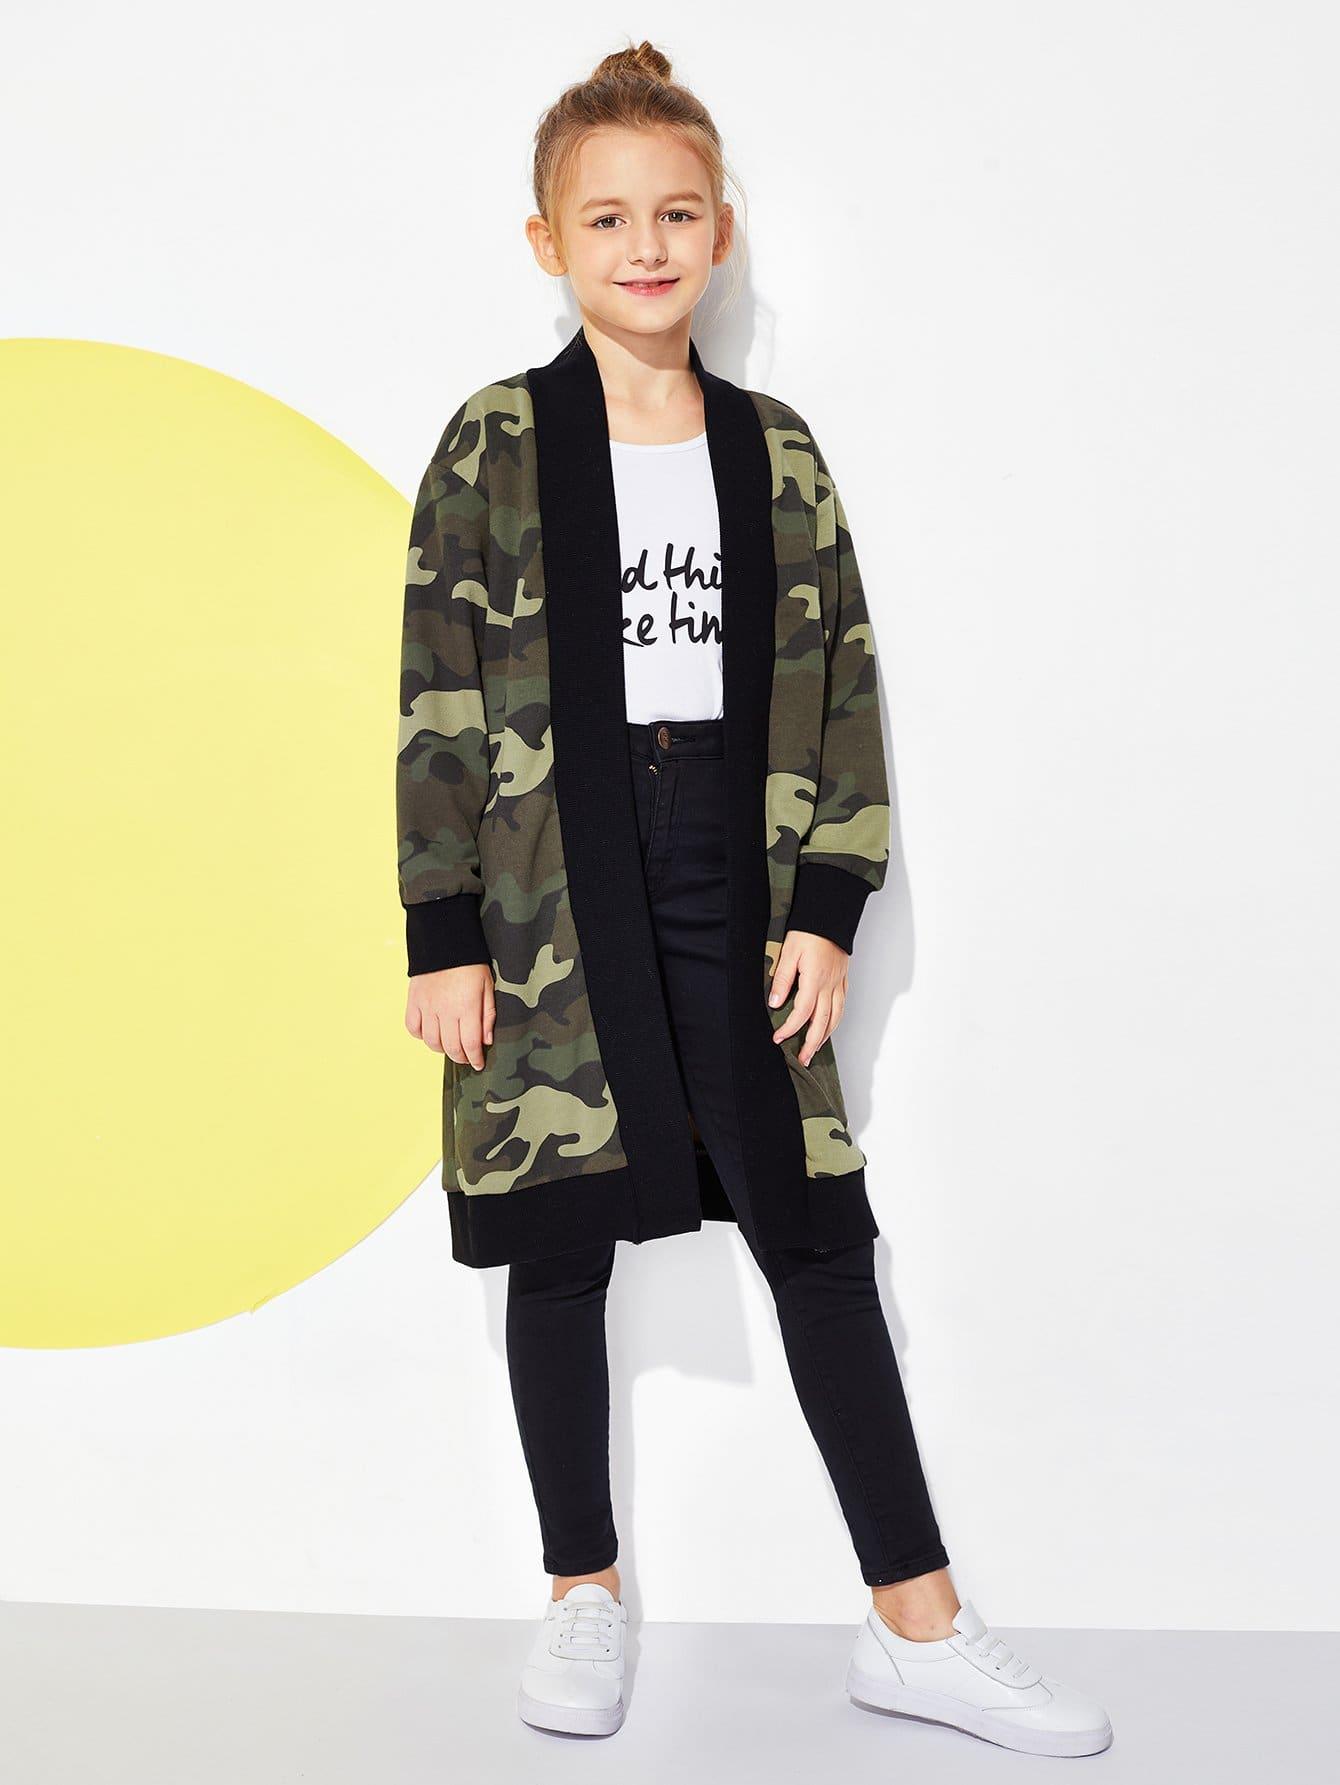 Фото - Для девочек открытой передней камуфляжное пальто от SheIn цвет многоцветный